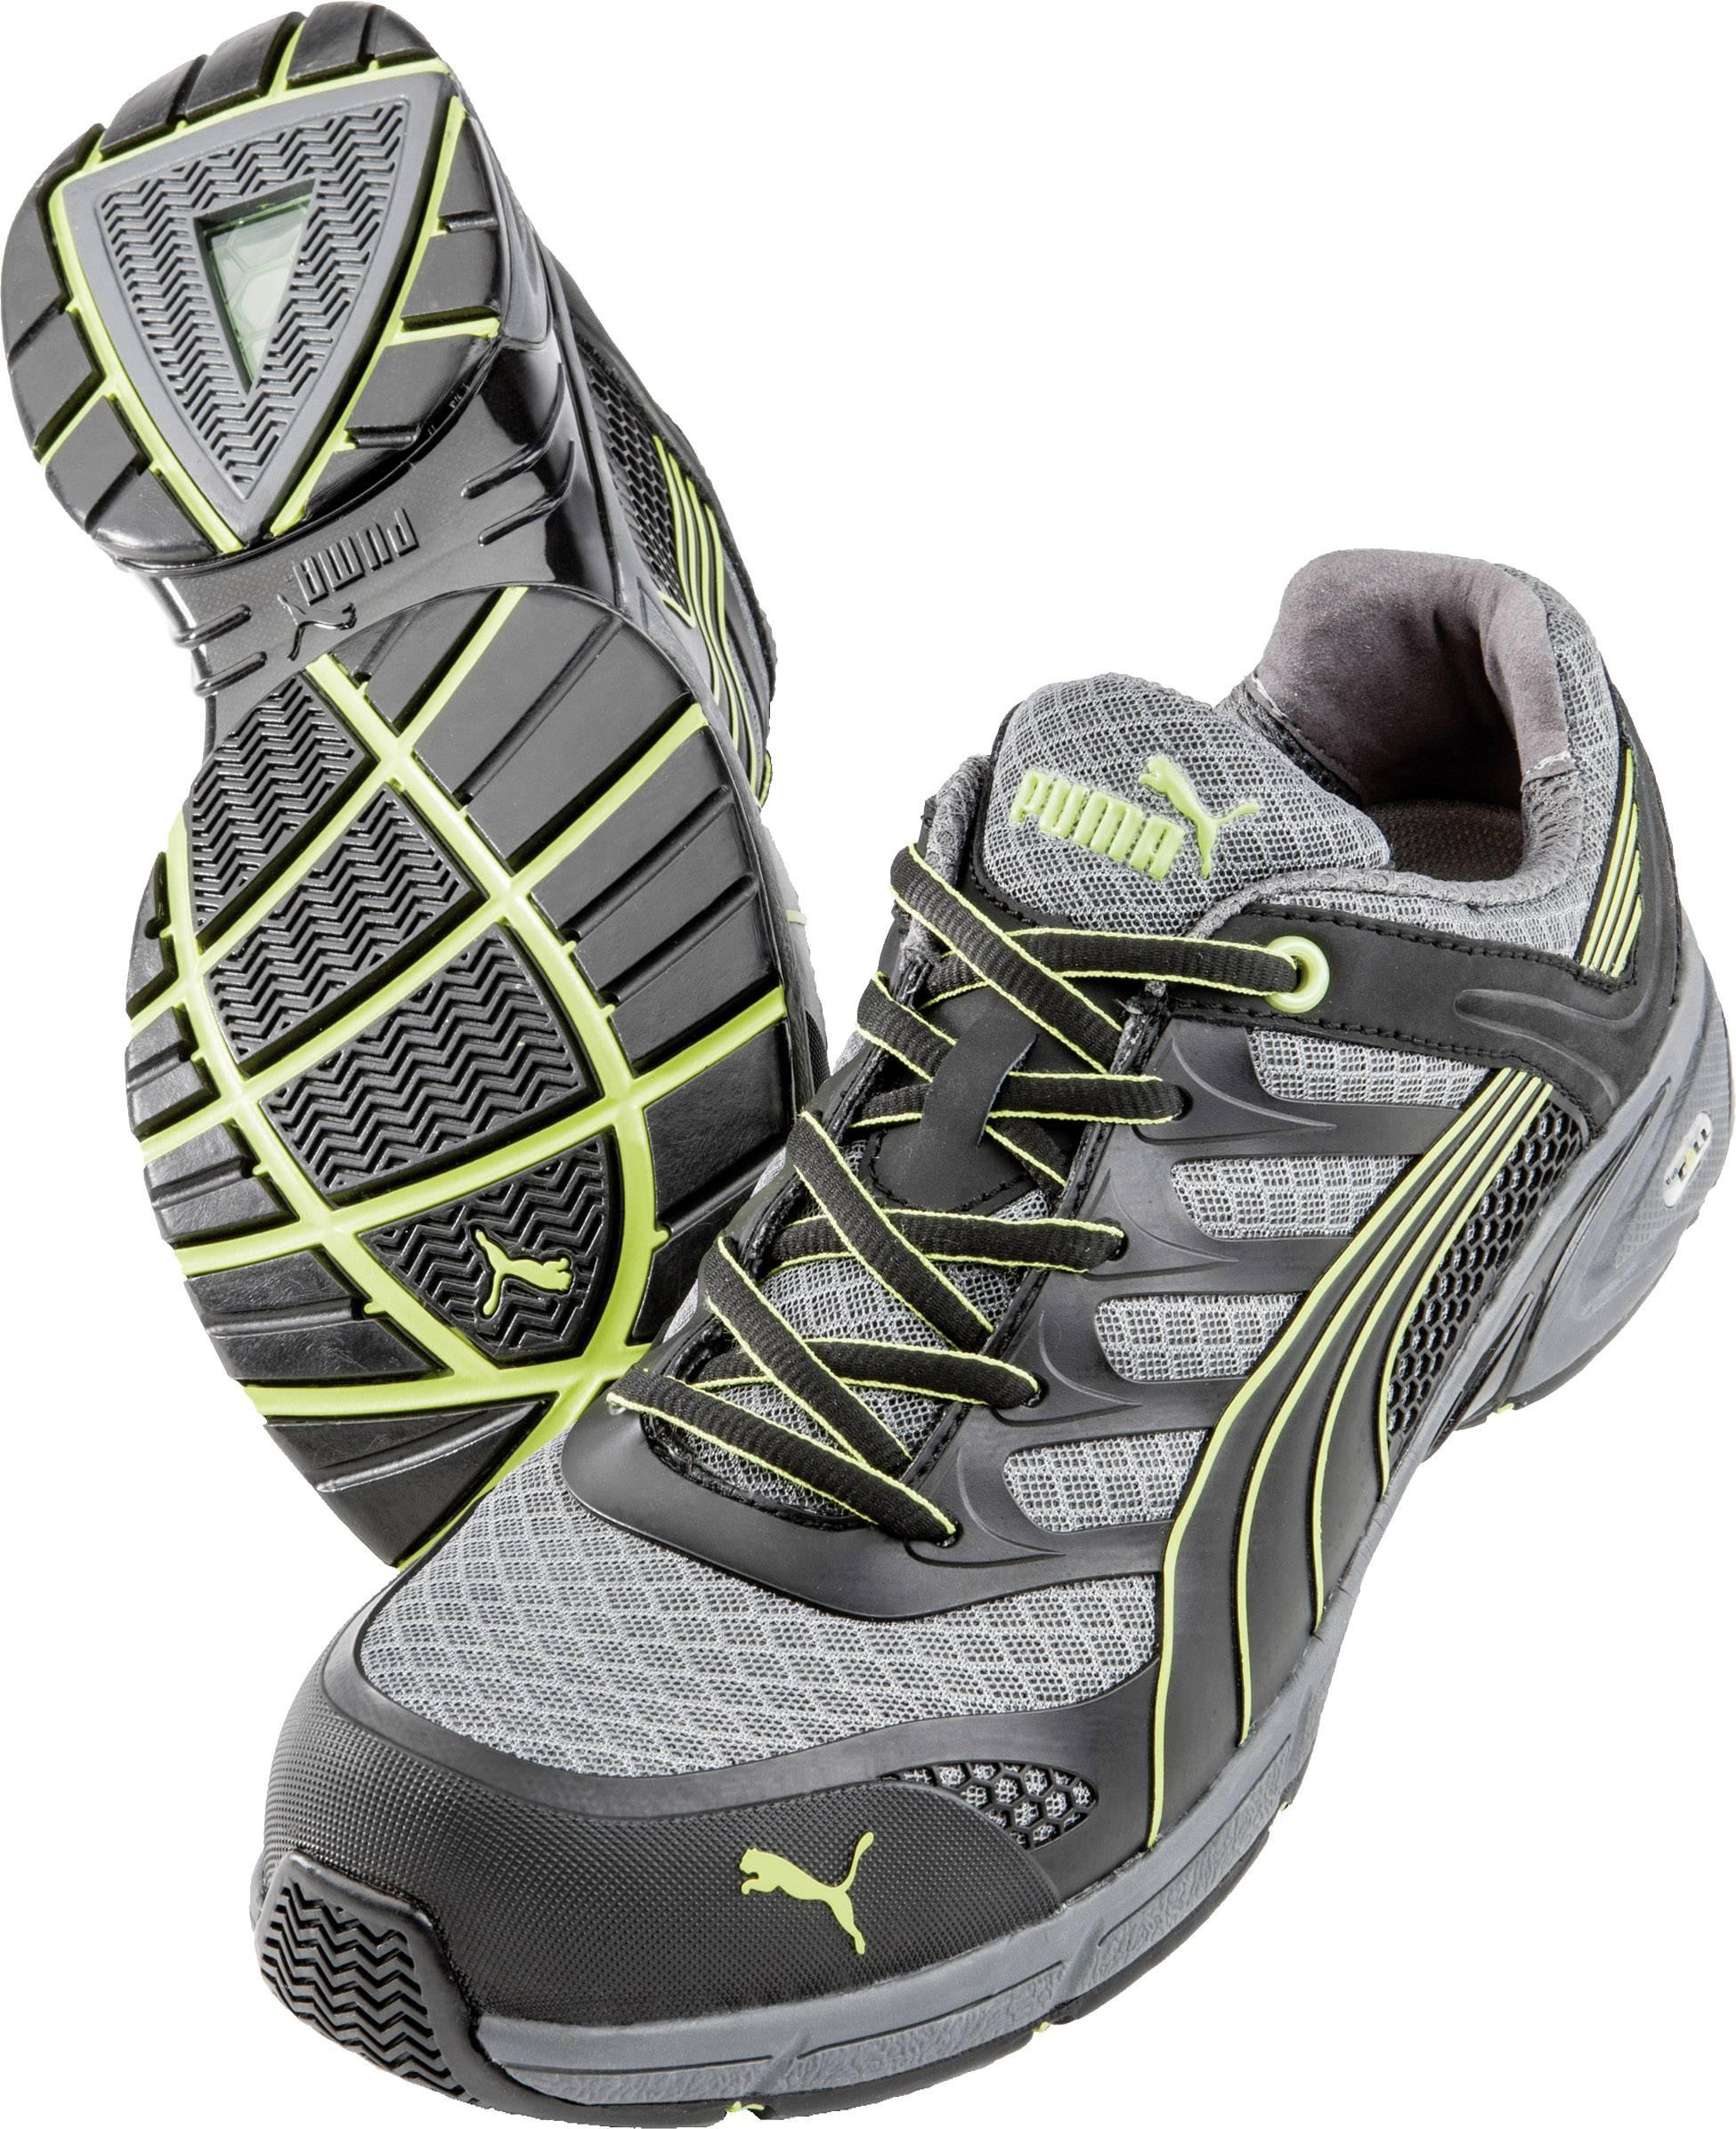 d03b7bc680b3c PUMA Safety FUSE MOTION GREEN LOW HRO SRA 642520 Chaussures basses de  sécurité S1P Taille: 39 noir, gris, jaune 1 paire